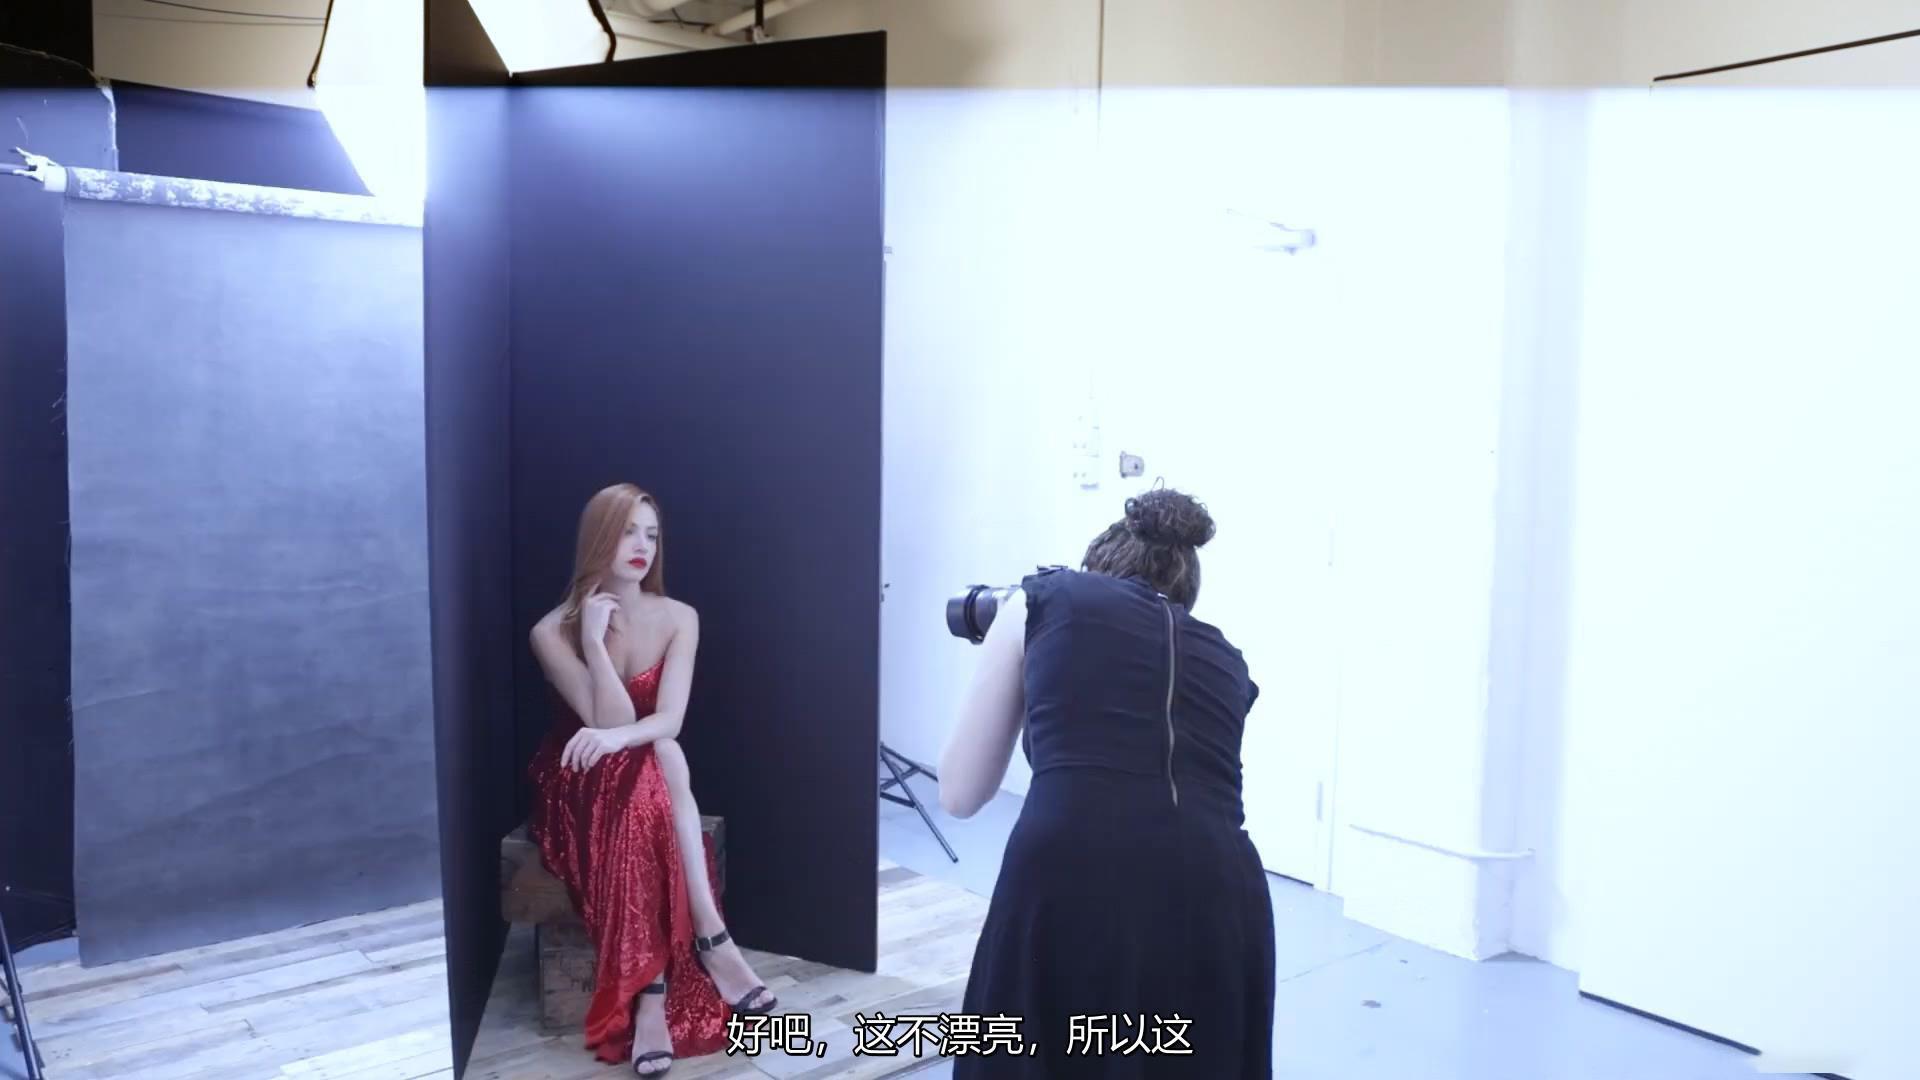 摄影教程_Lindsay Adler为期10周的工作室棚拍布光大师班教程-中文字幕 摄影教程 _预览图19